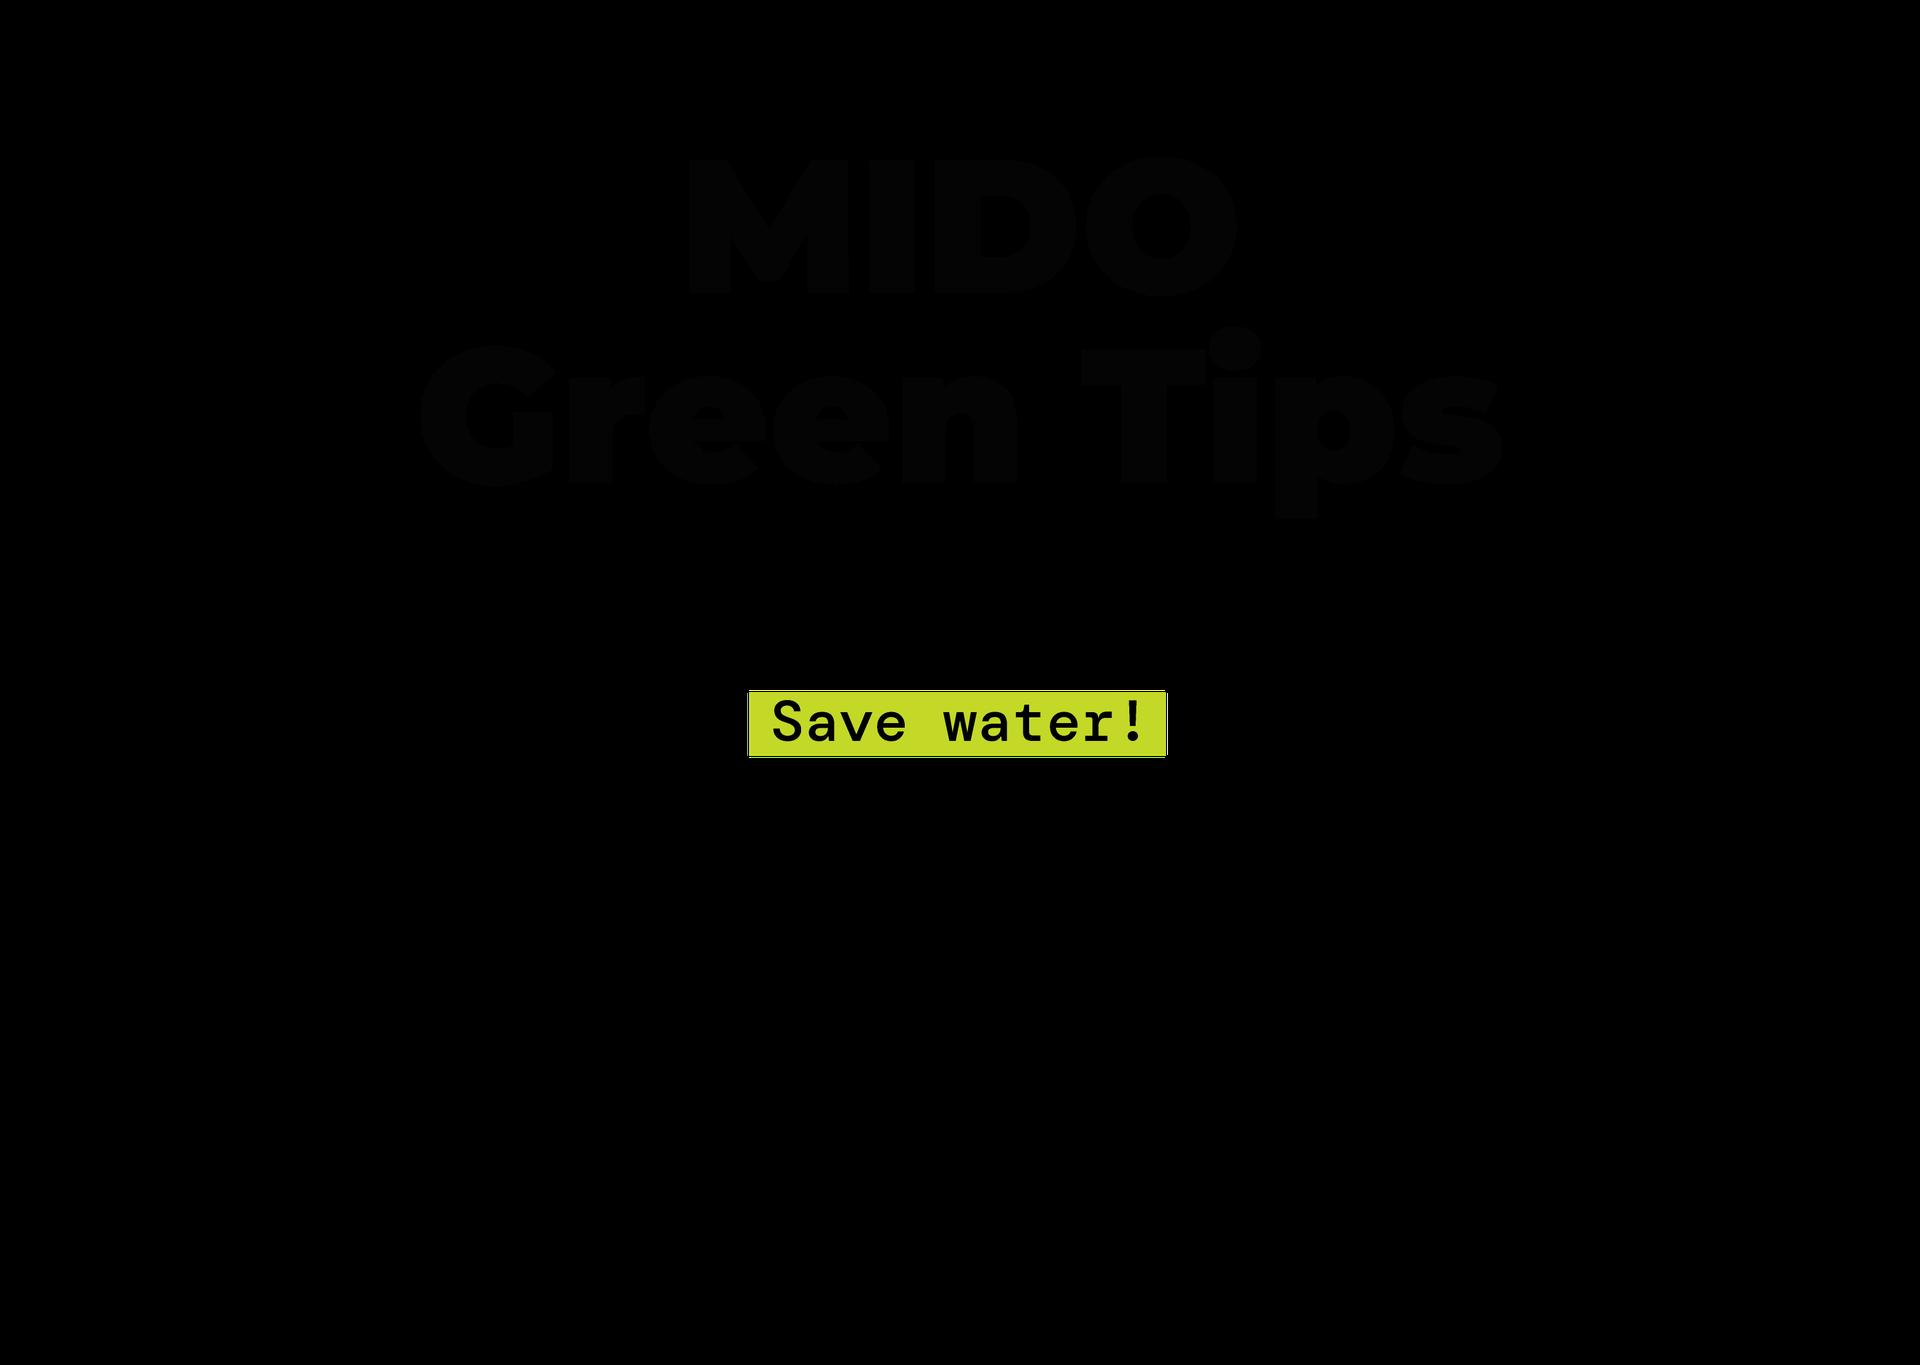 MIDO Green Tips